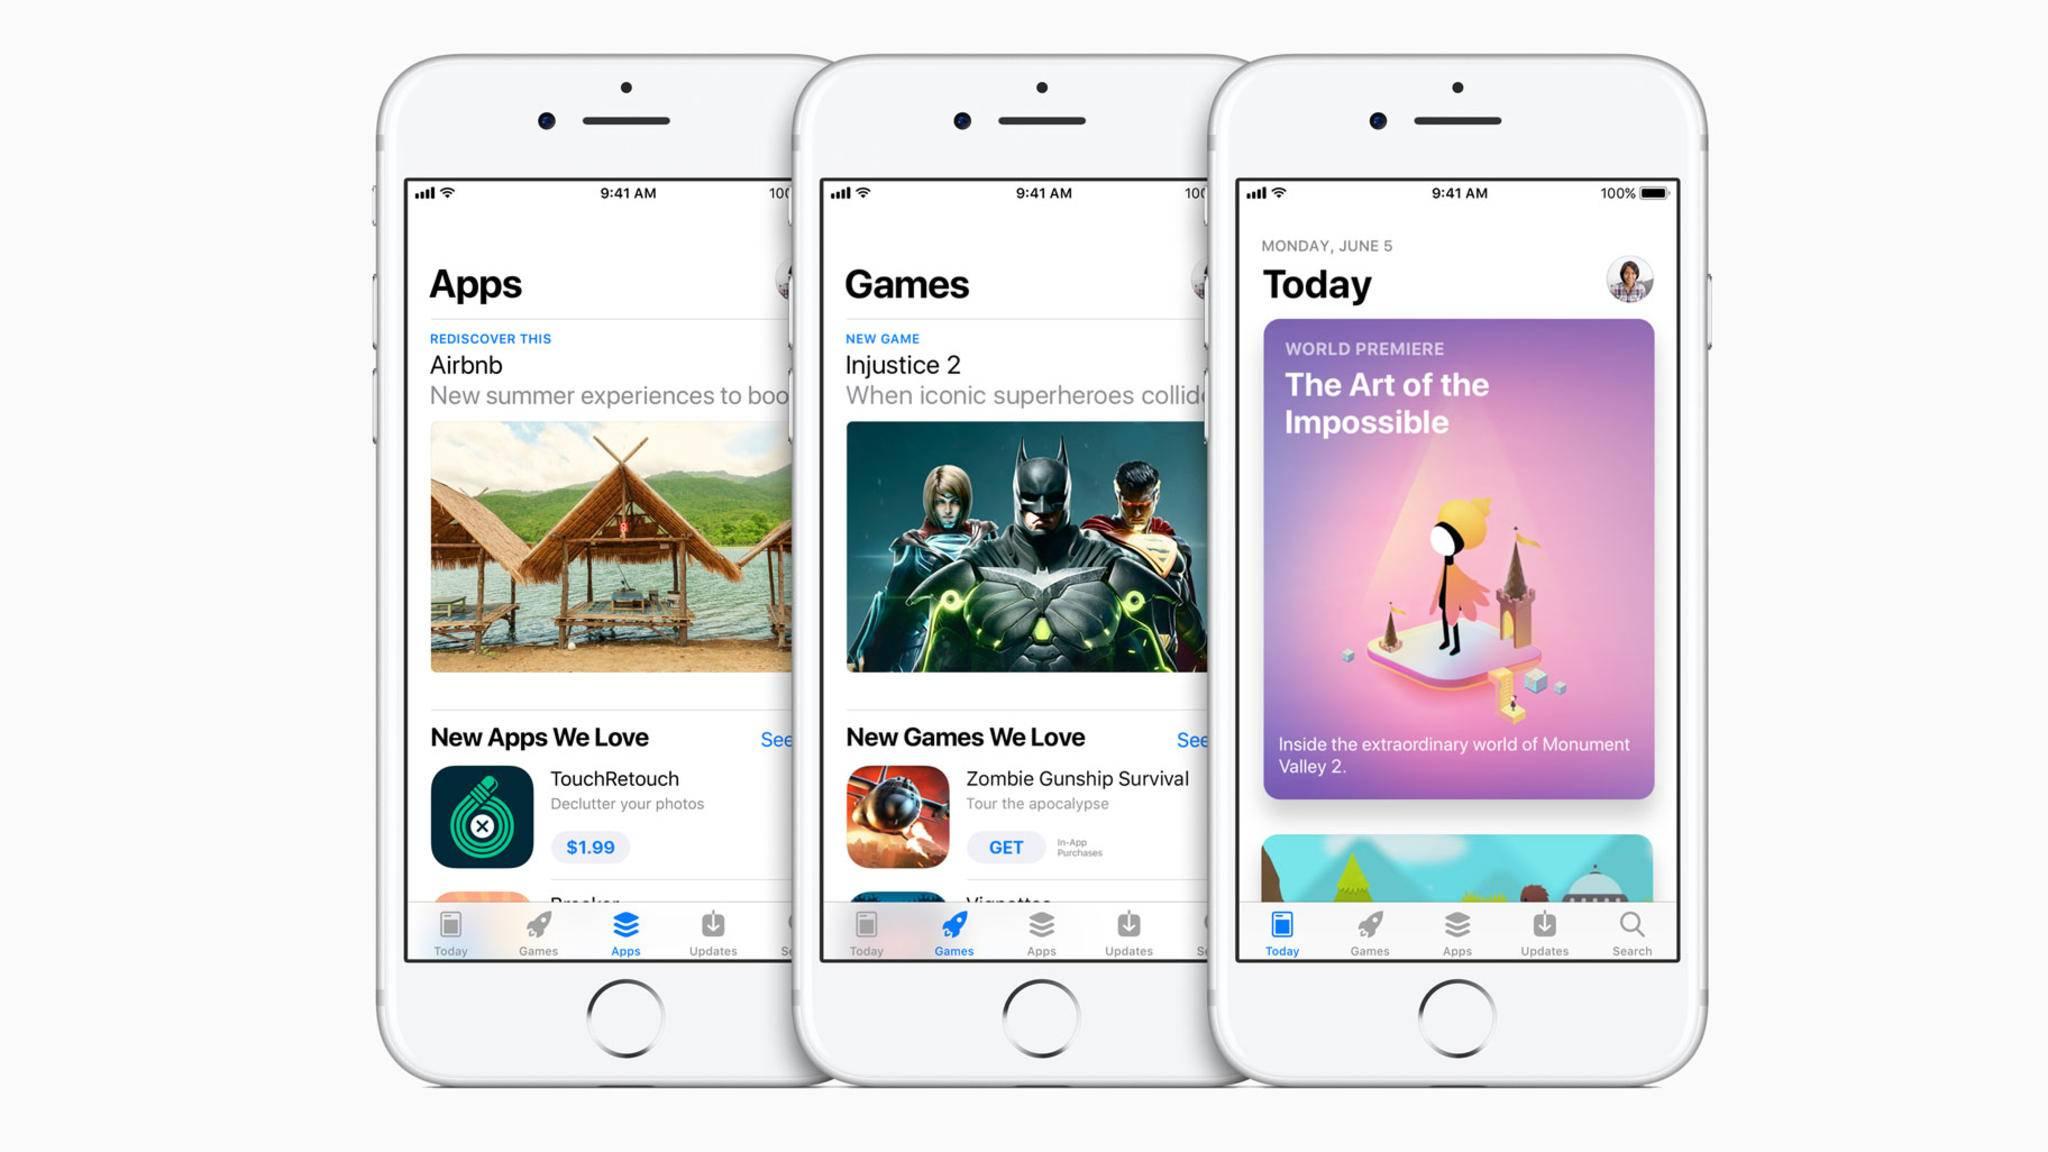 Der App Store präsentiert sich in völlig neuer Optik und Struktur.